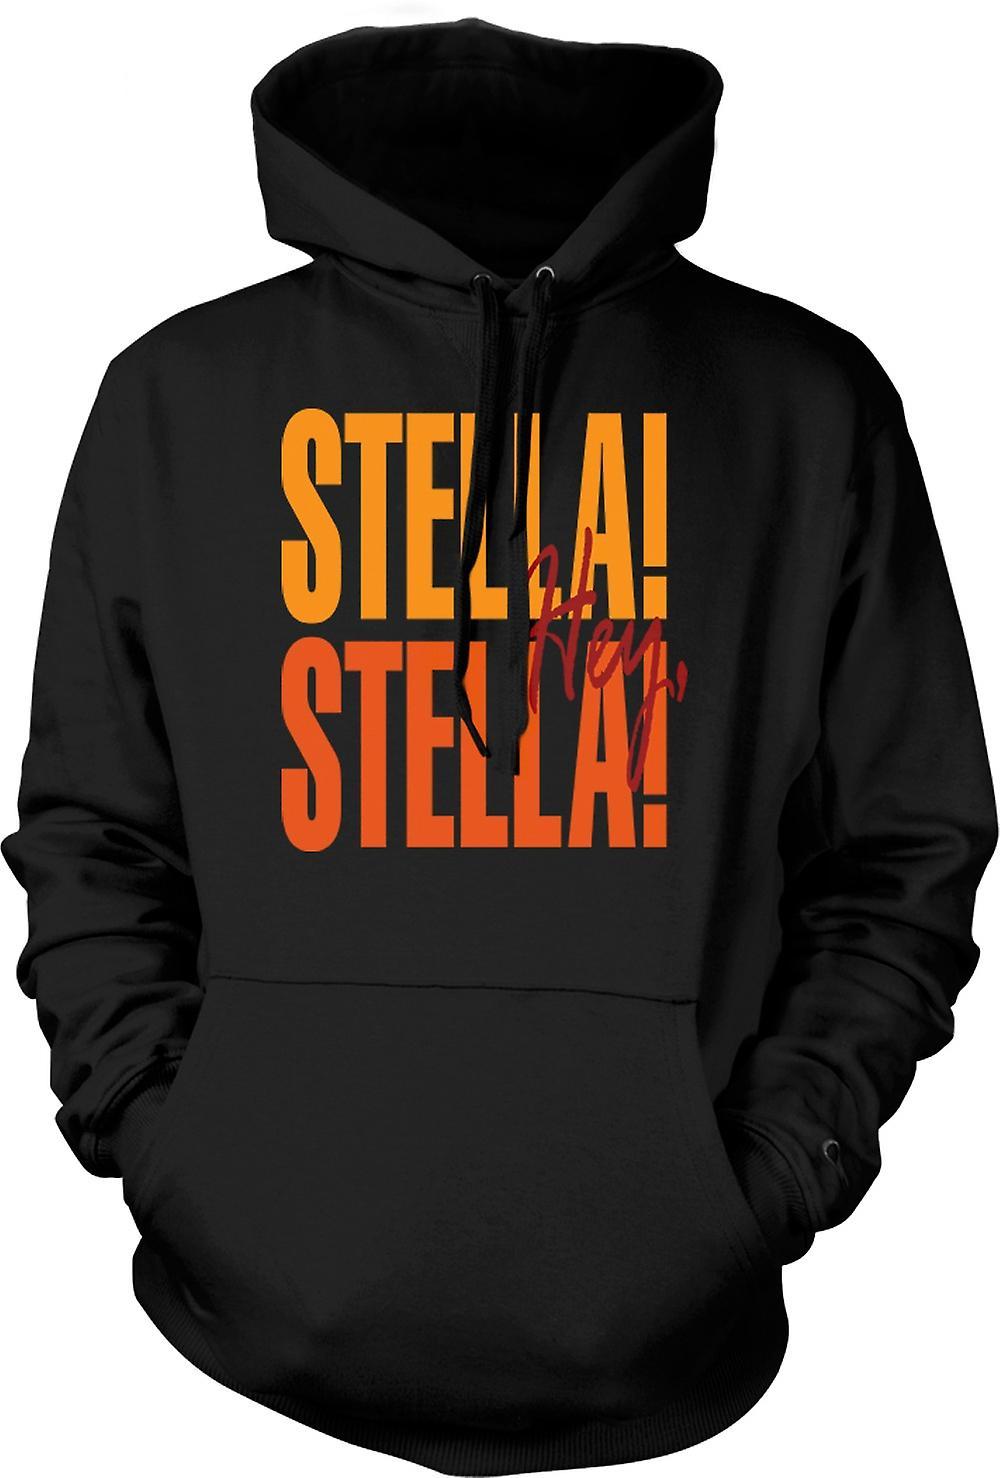 Heren Hoodie - Steetcar met de naam verlangen Stella - Funny